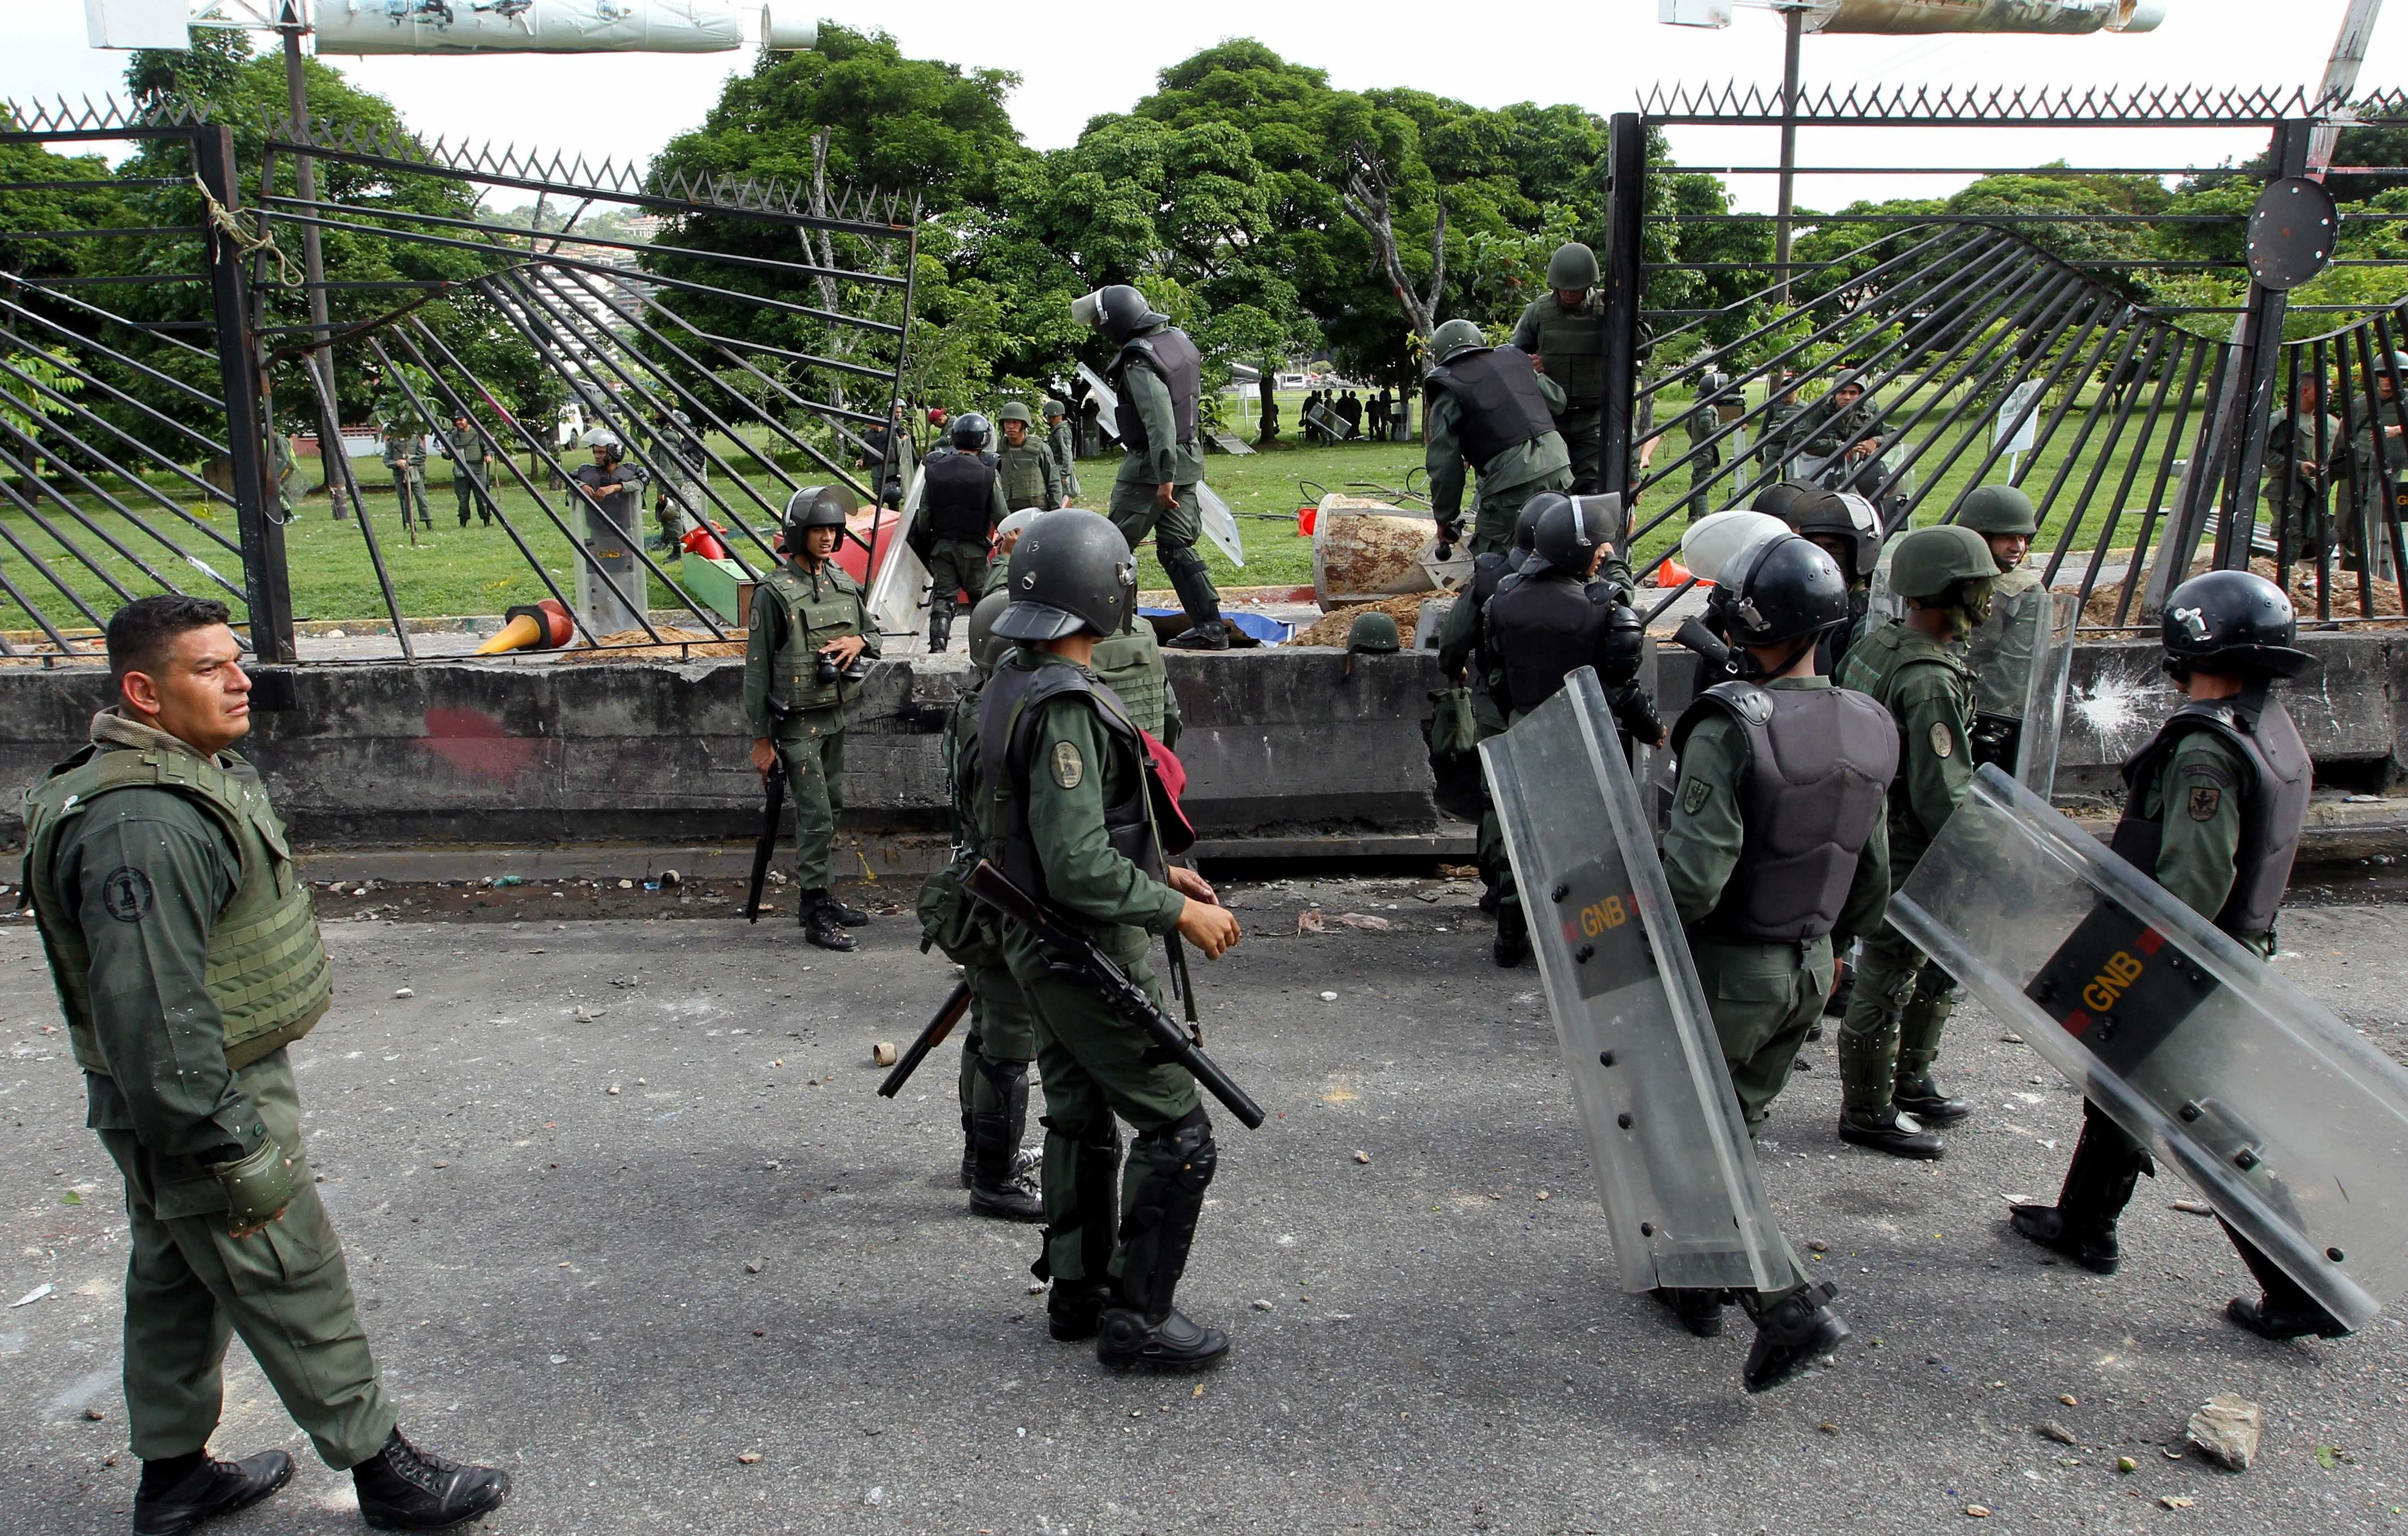 Protestele violente continuă în Venezuela. Zeci de oameni au fost răniți în urma manifestațiilor